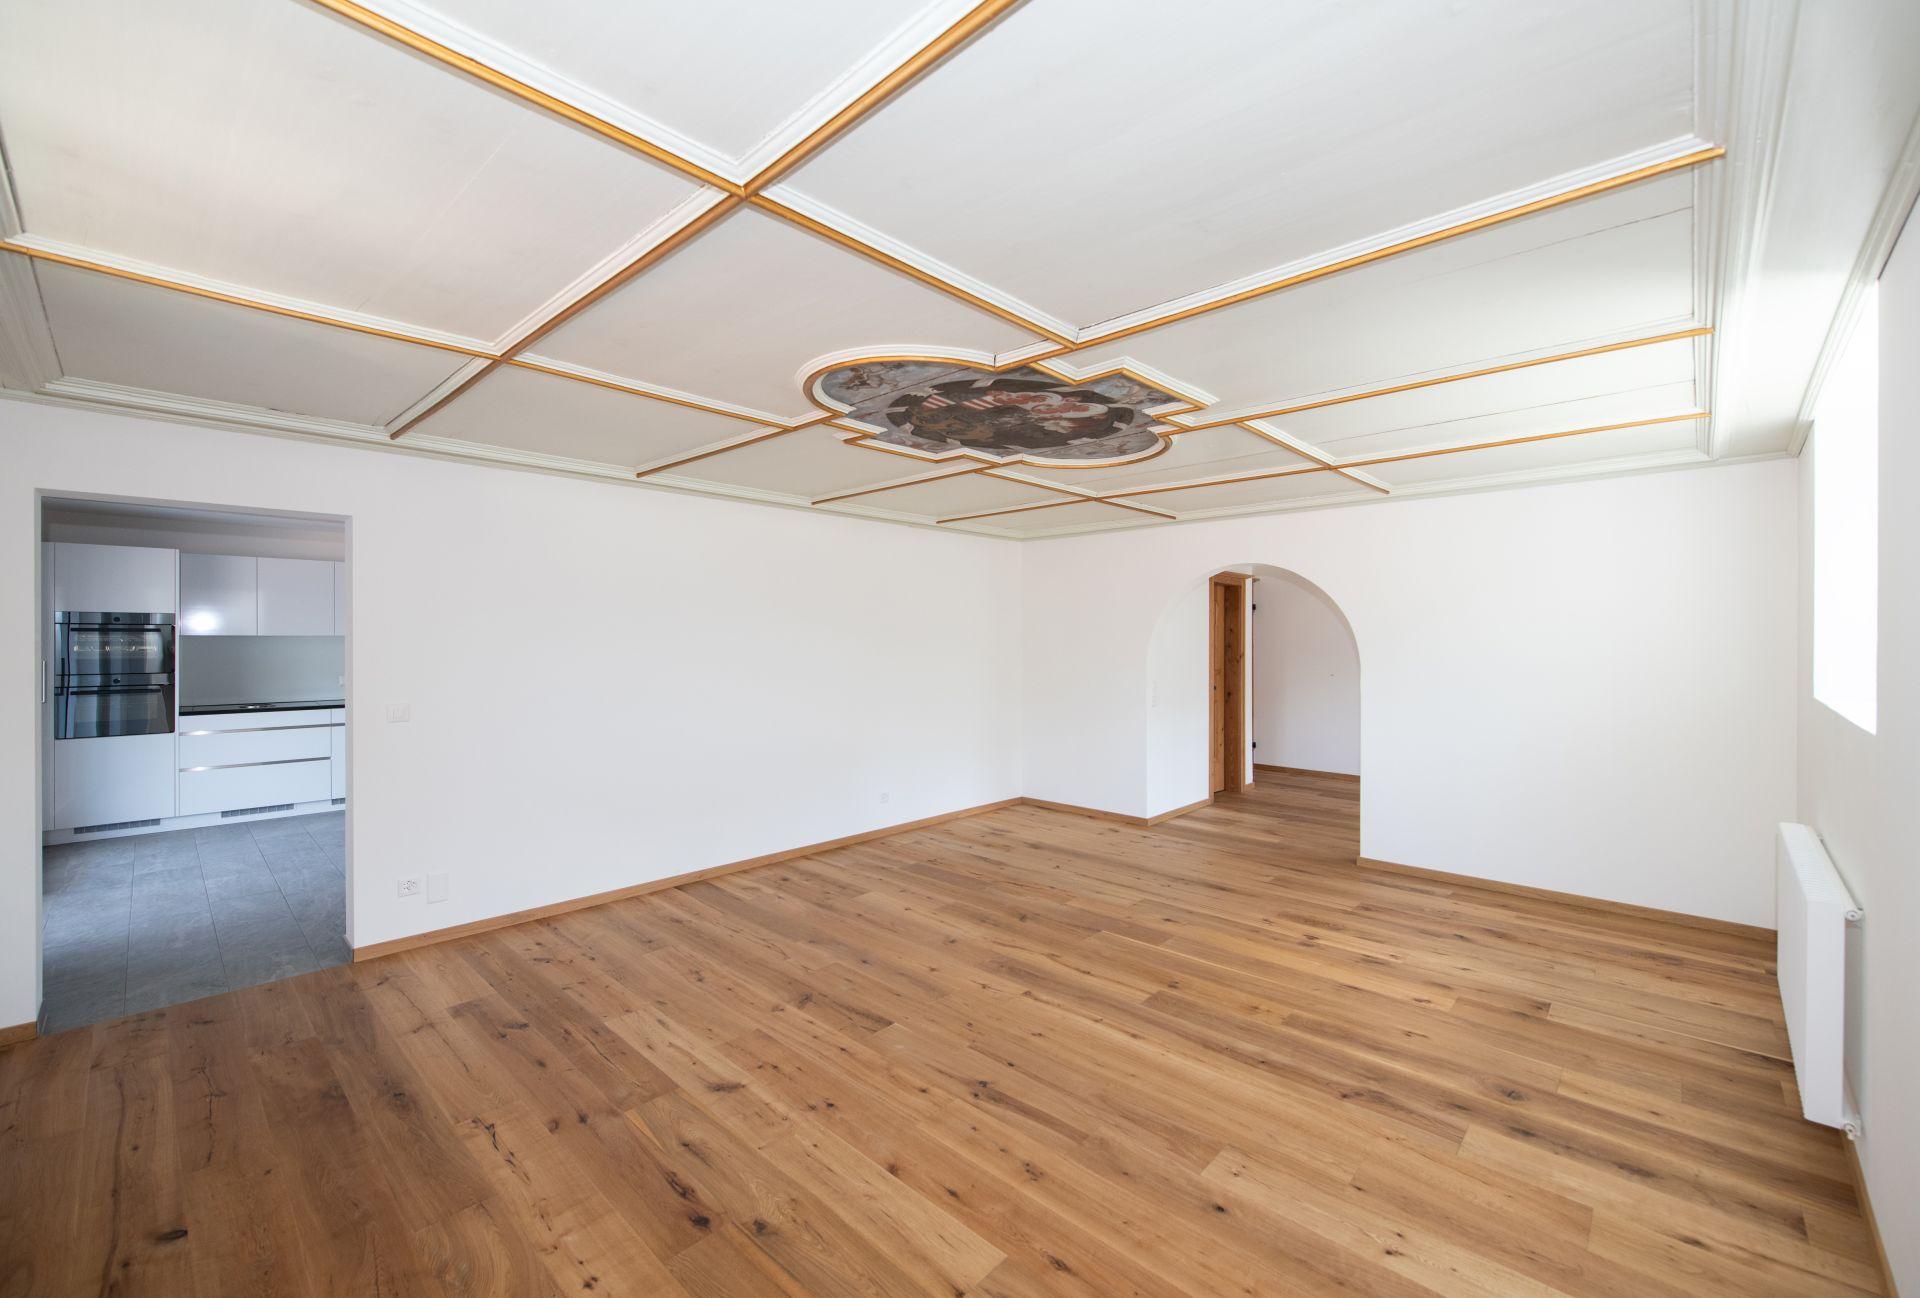 Miete: modern Wohnung in einem historischen Haus